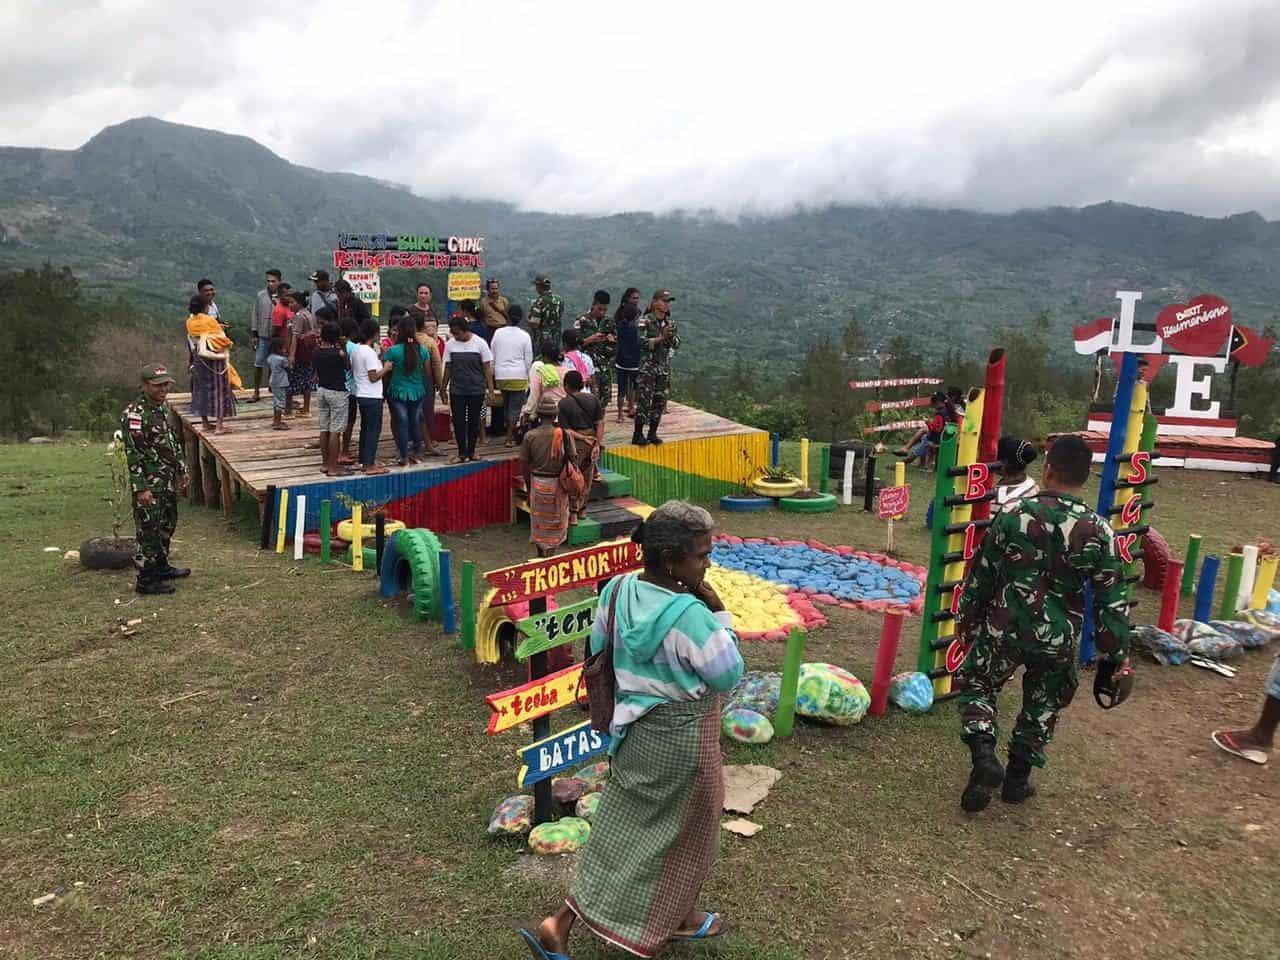 Tumbuhkan Cinta Tanah Air, Satgas Yonif 132 Bangun Taman Wisata di Haumeniana